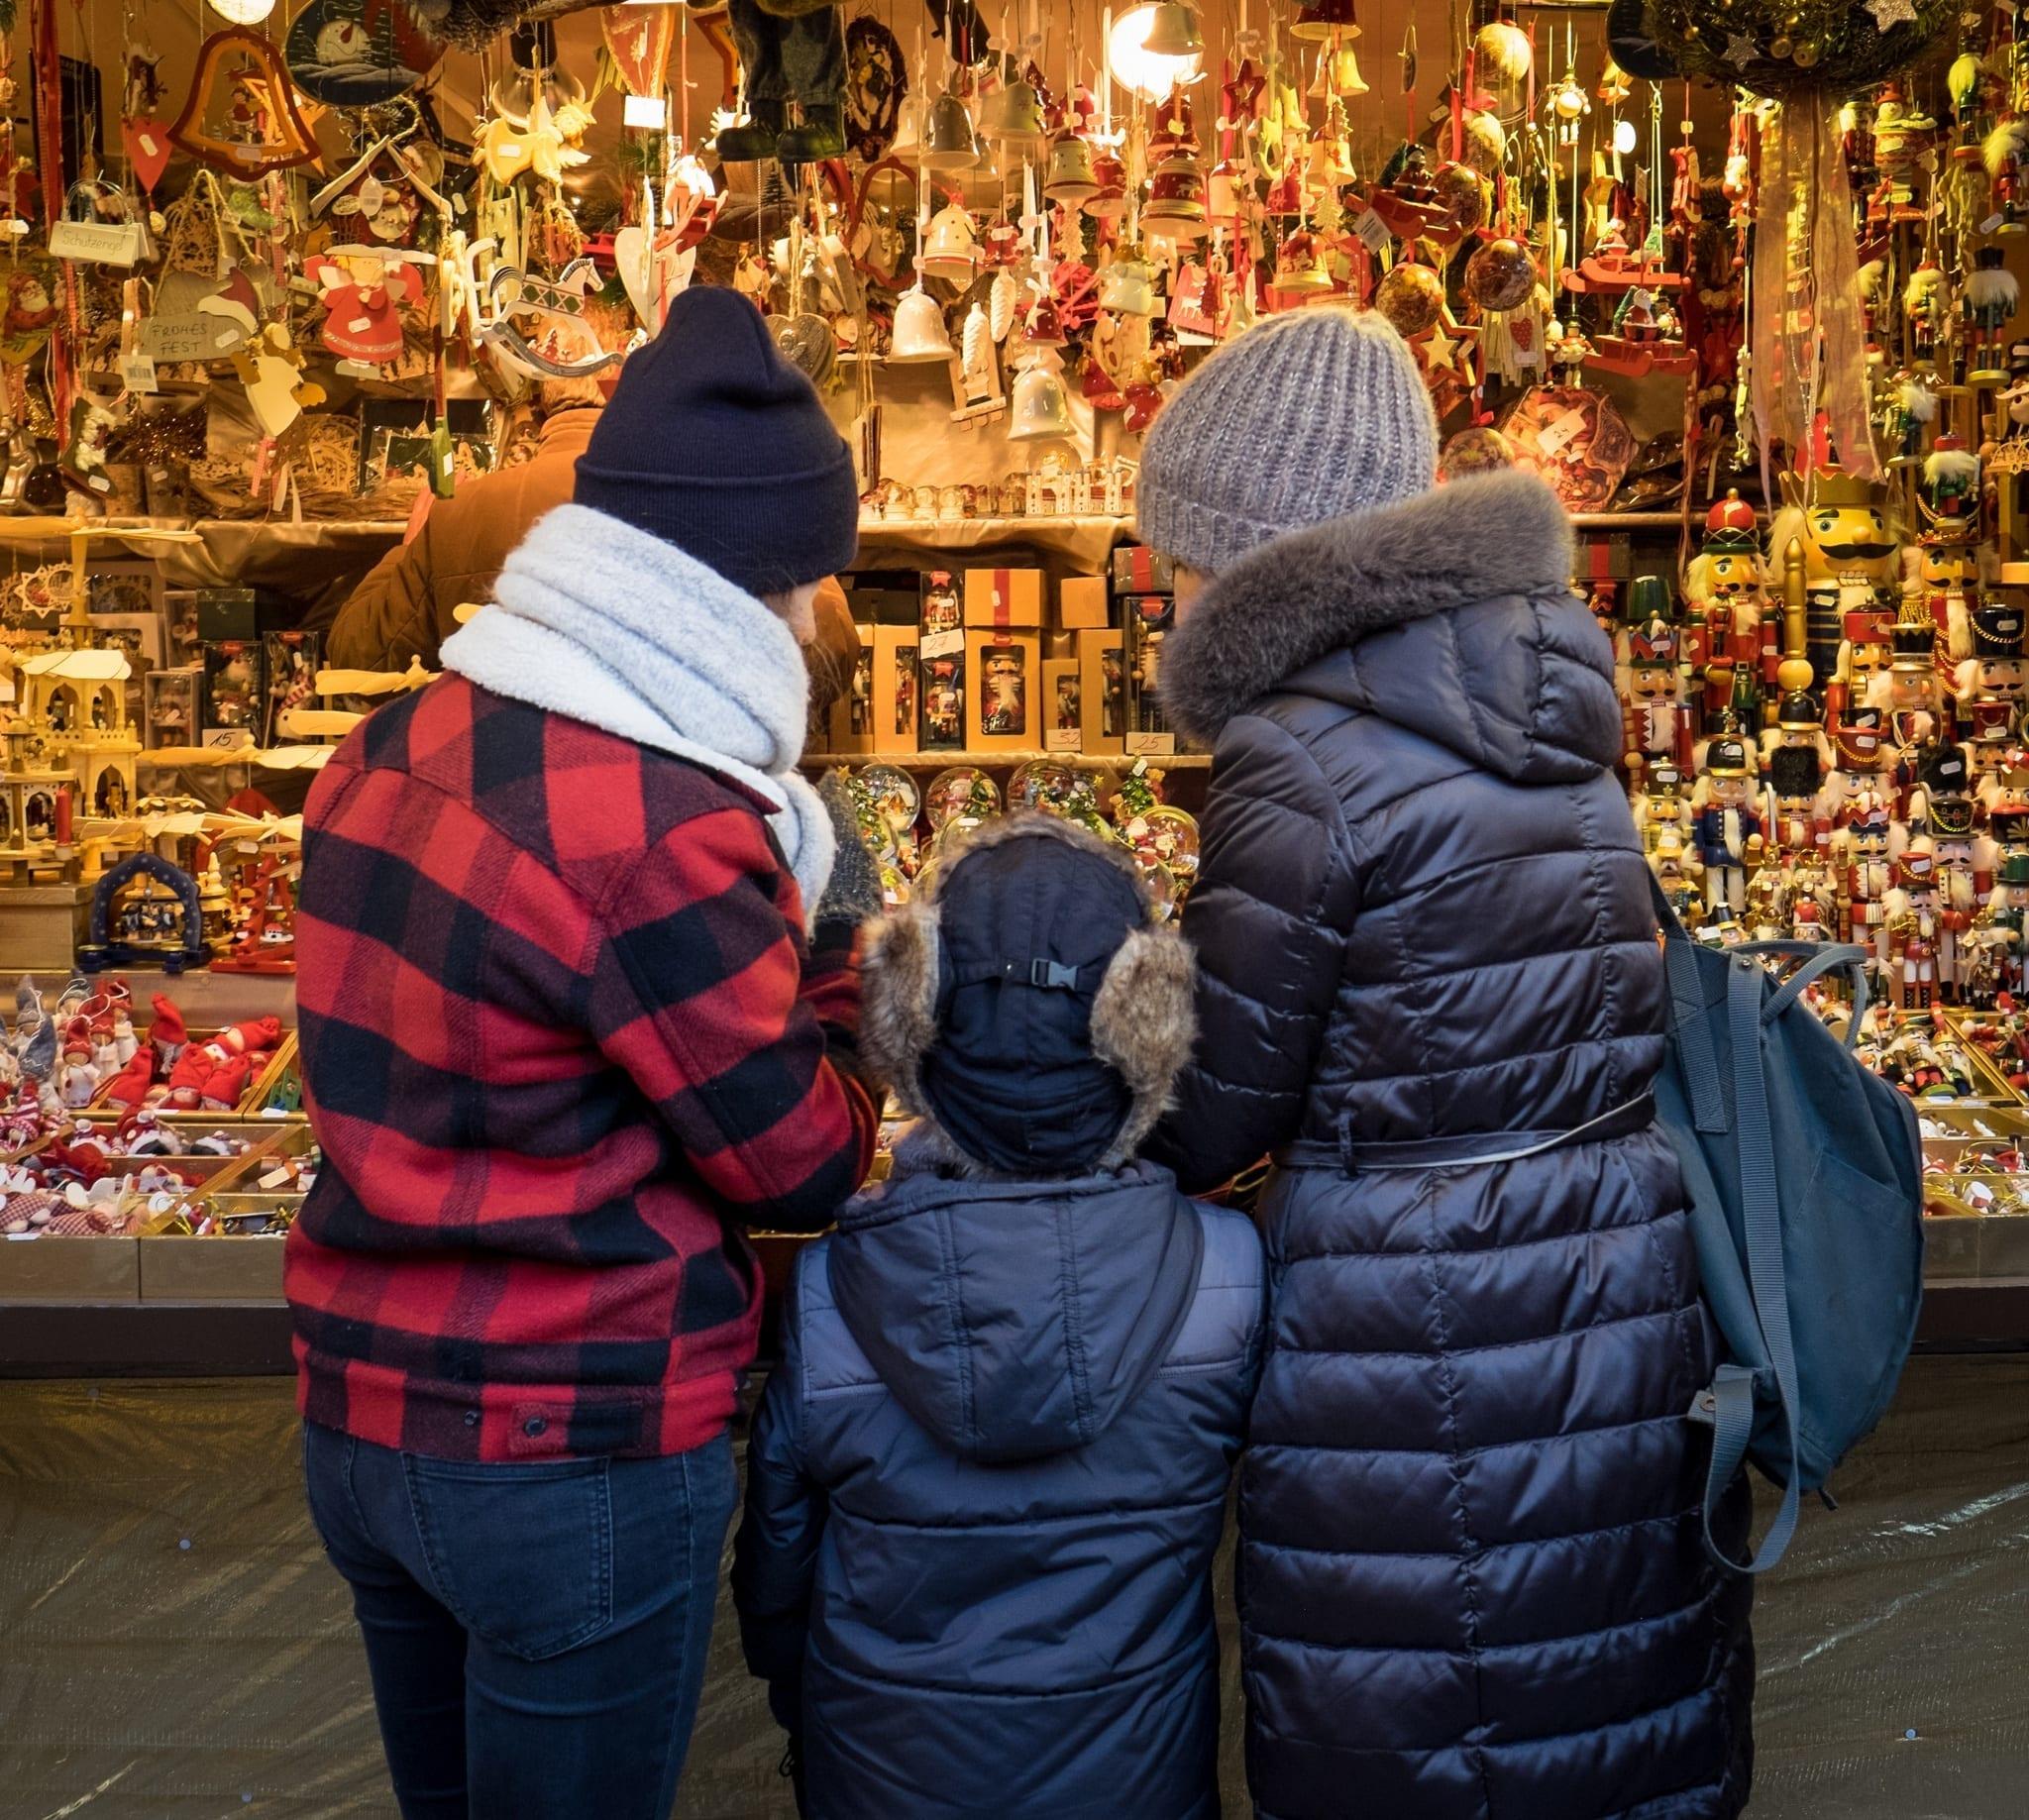 Family Christmas in Bavaria